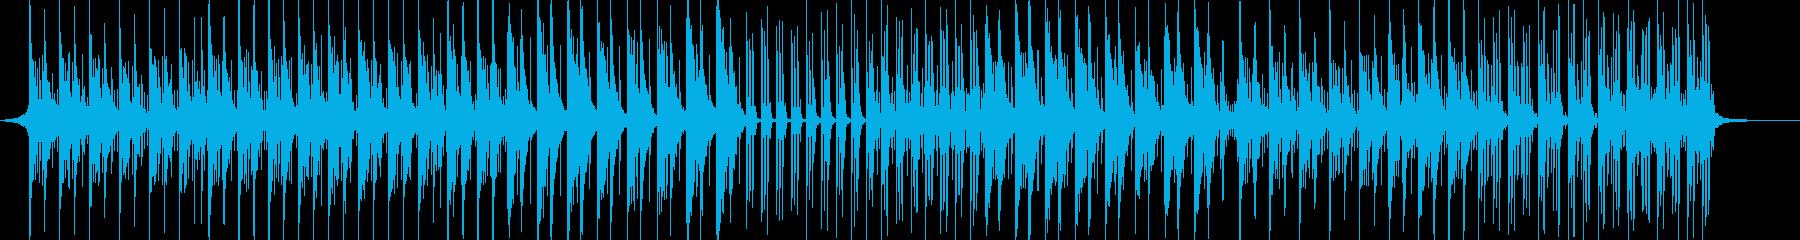 透き通る空-爽やか-PV-動画-BGMの再生済みの波形